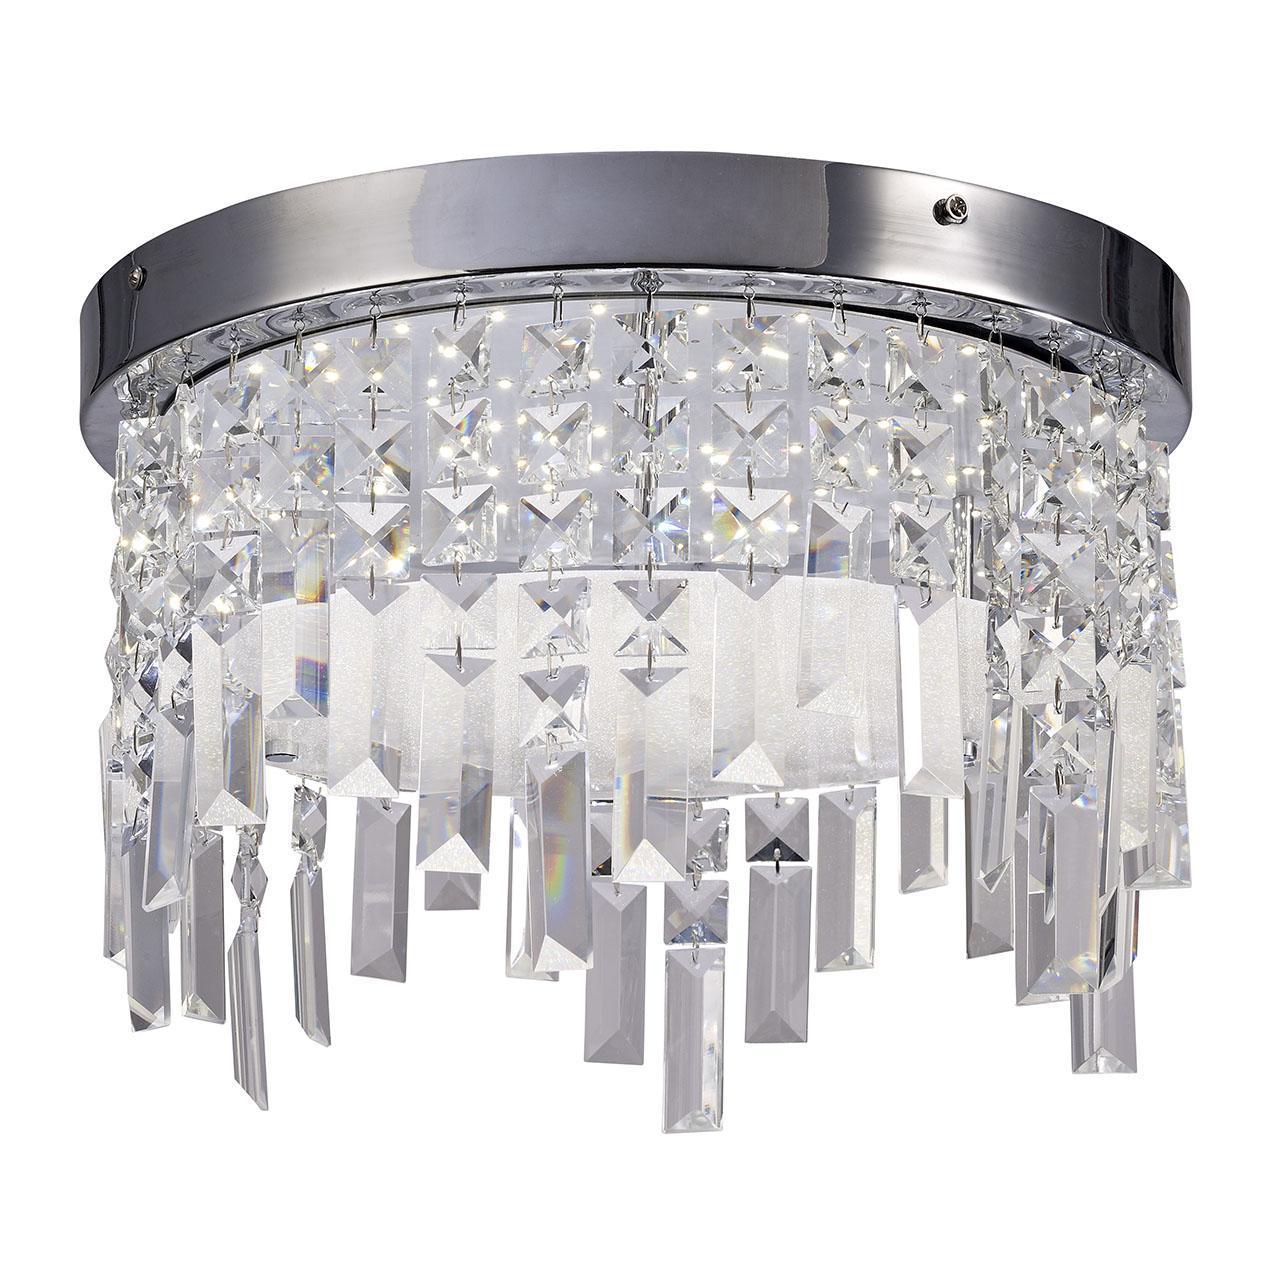 Потолочный светодиодный светильник Mantra Kawai 5521 цены онлайн